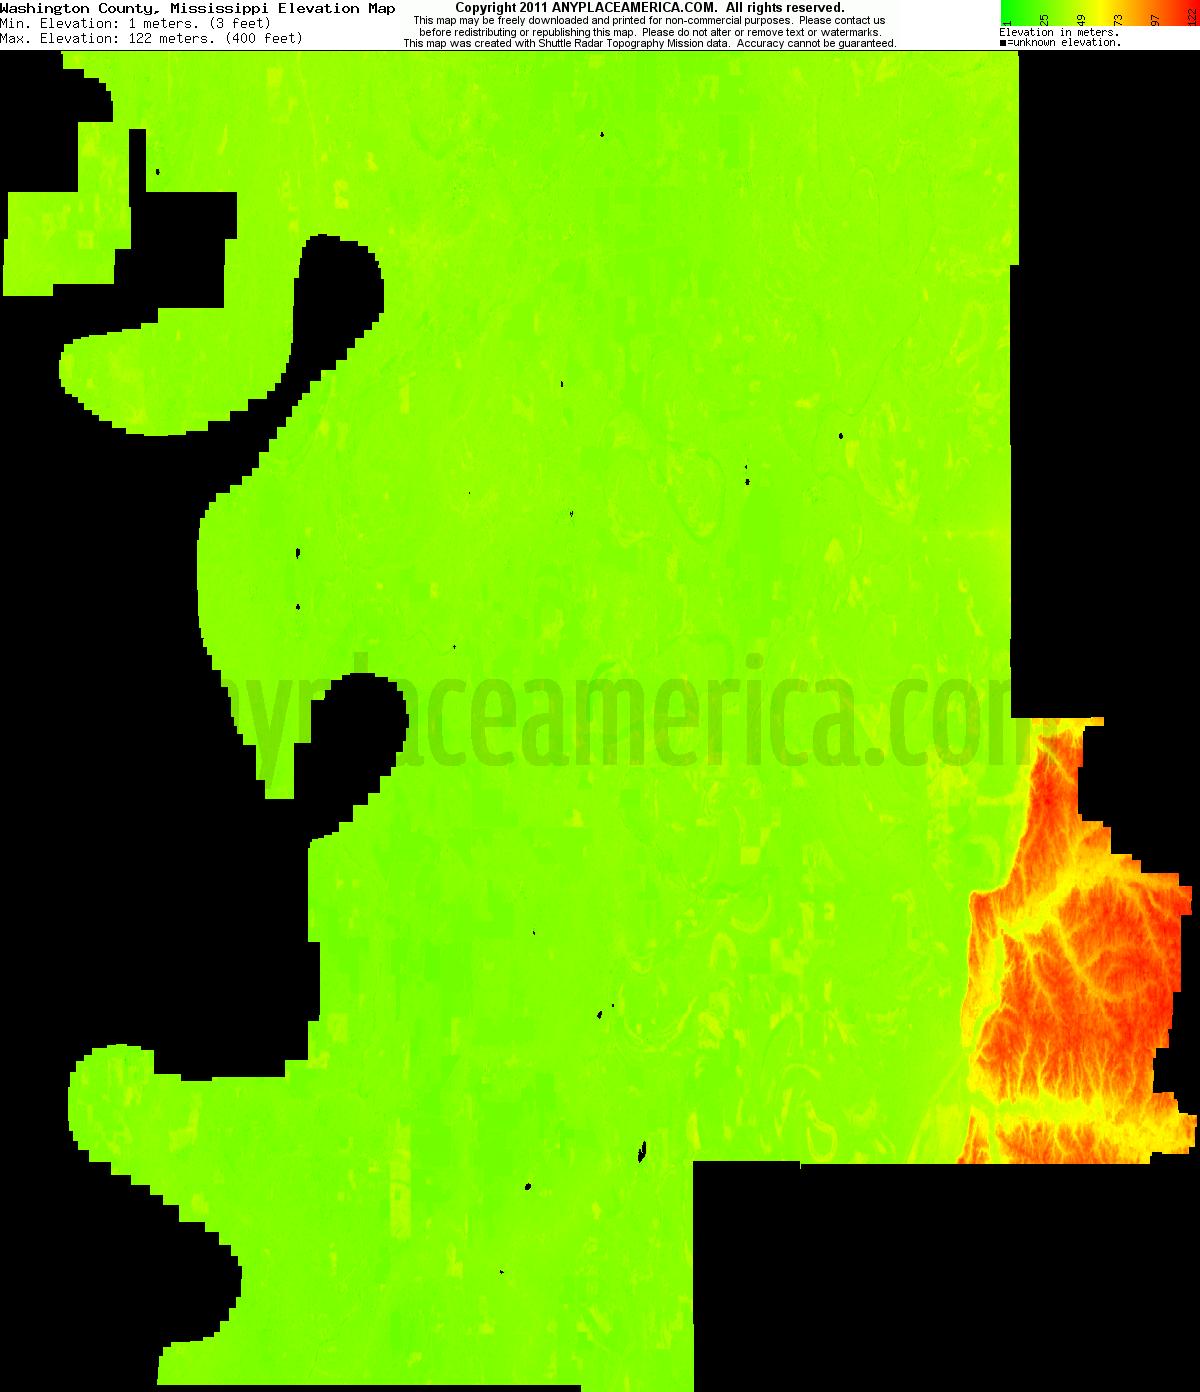 Mississippi washington county hollandale - Download Washington County Elevation Map